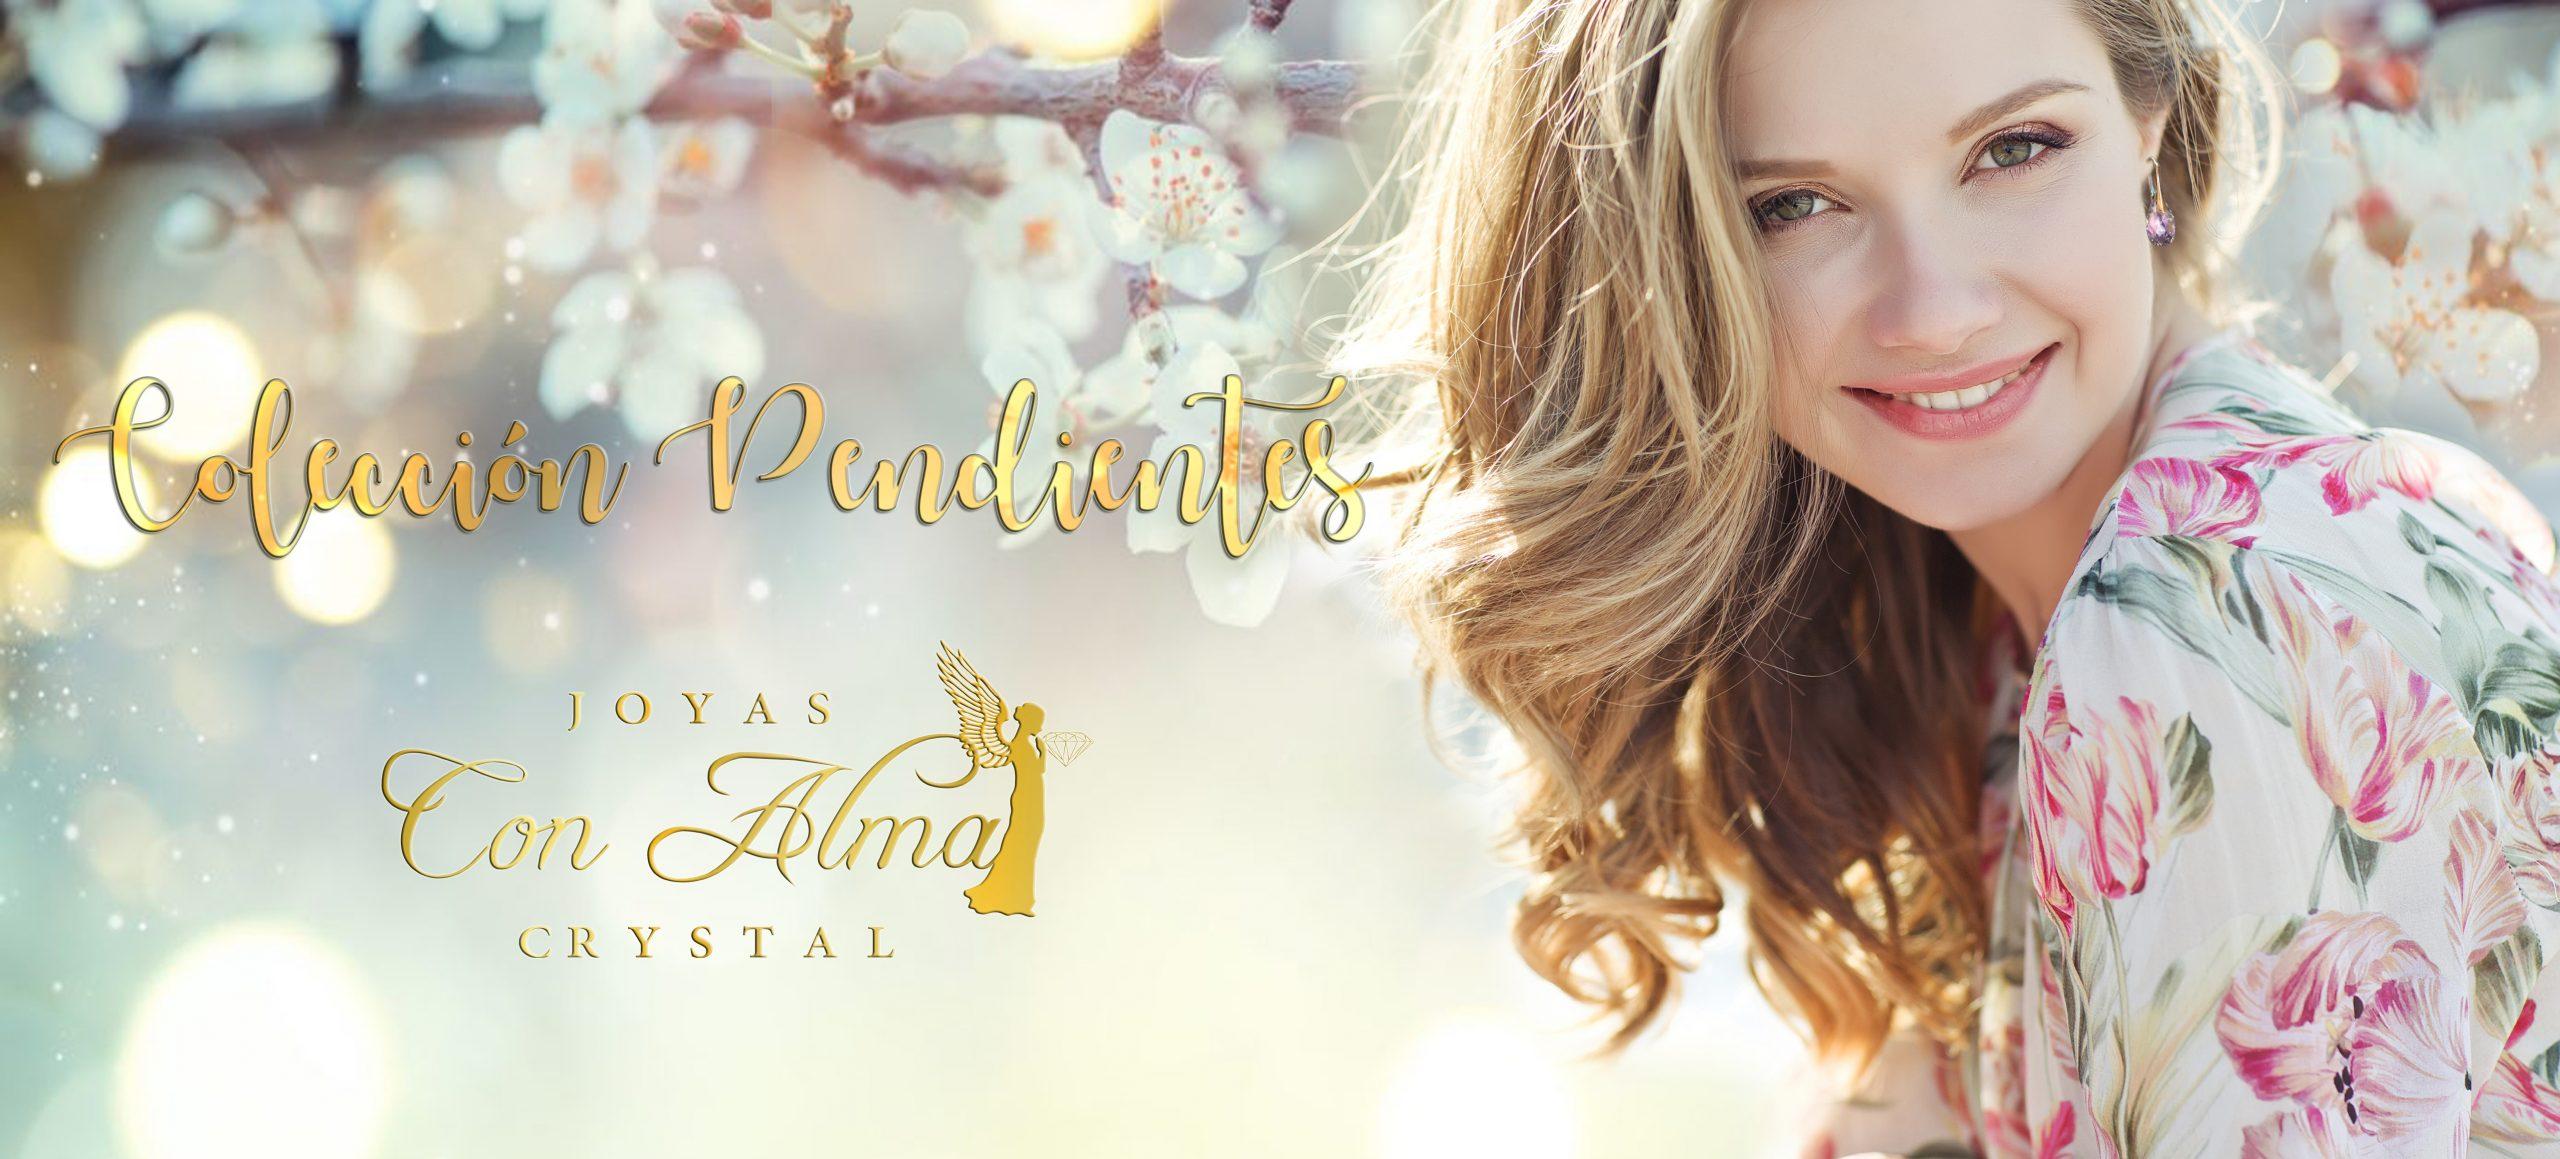 Colección Pendientes 2021 - Joyas con Alma